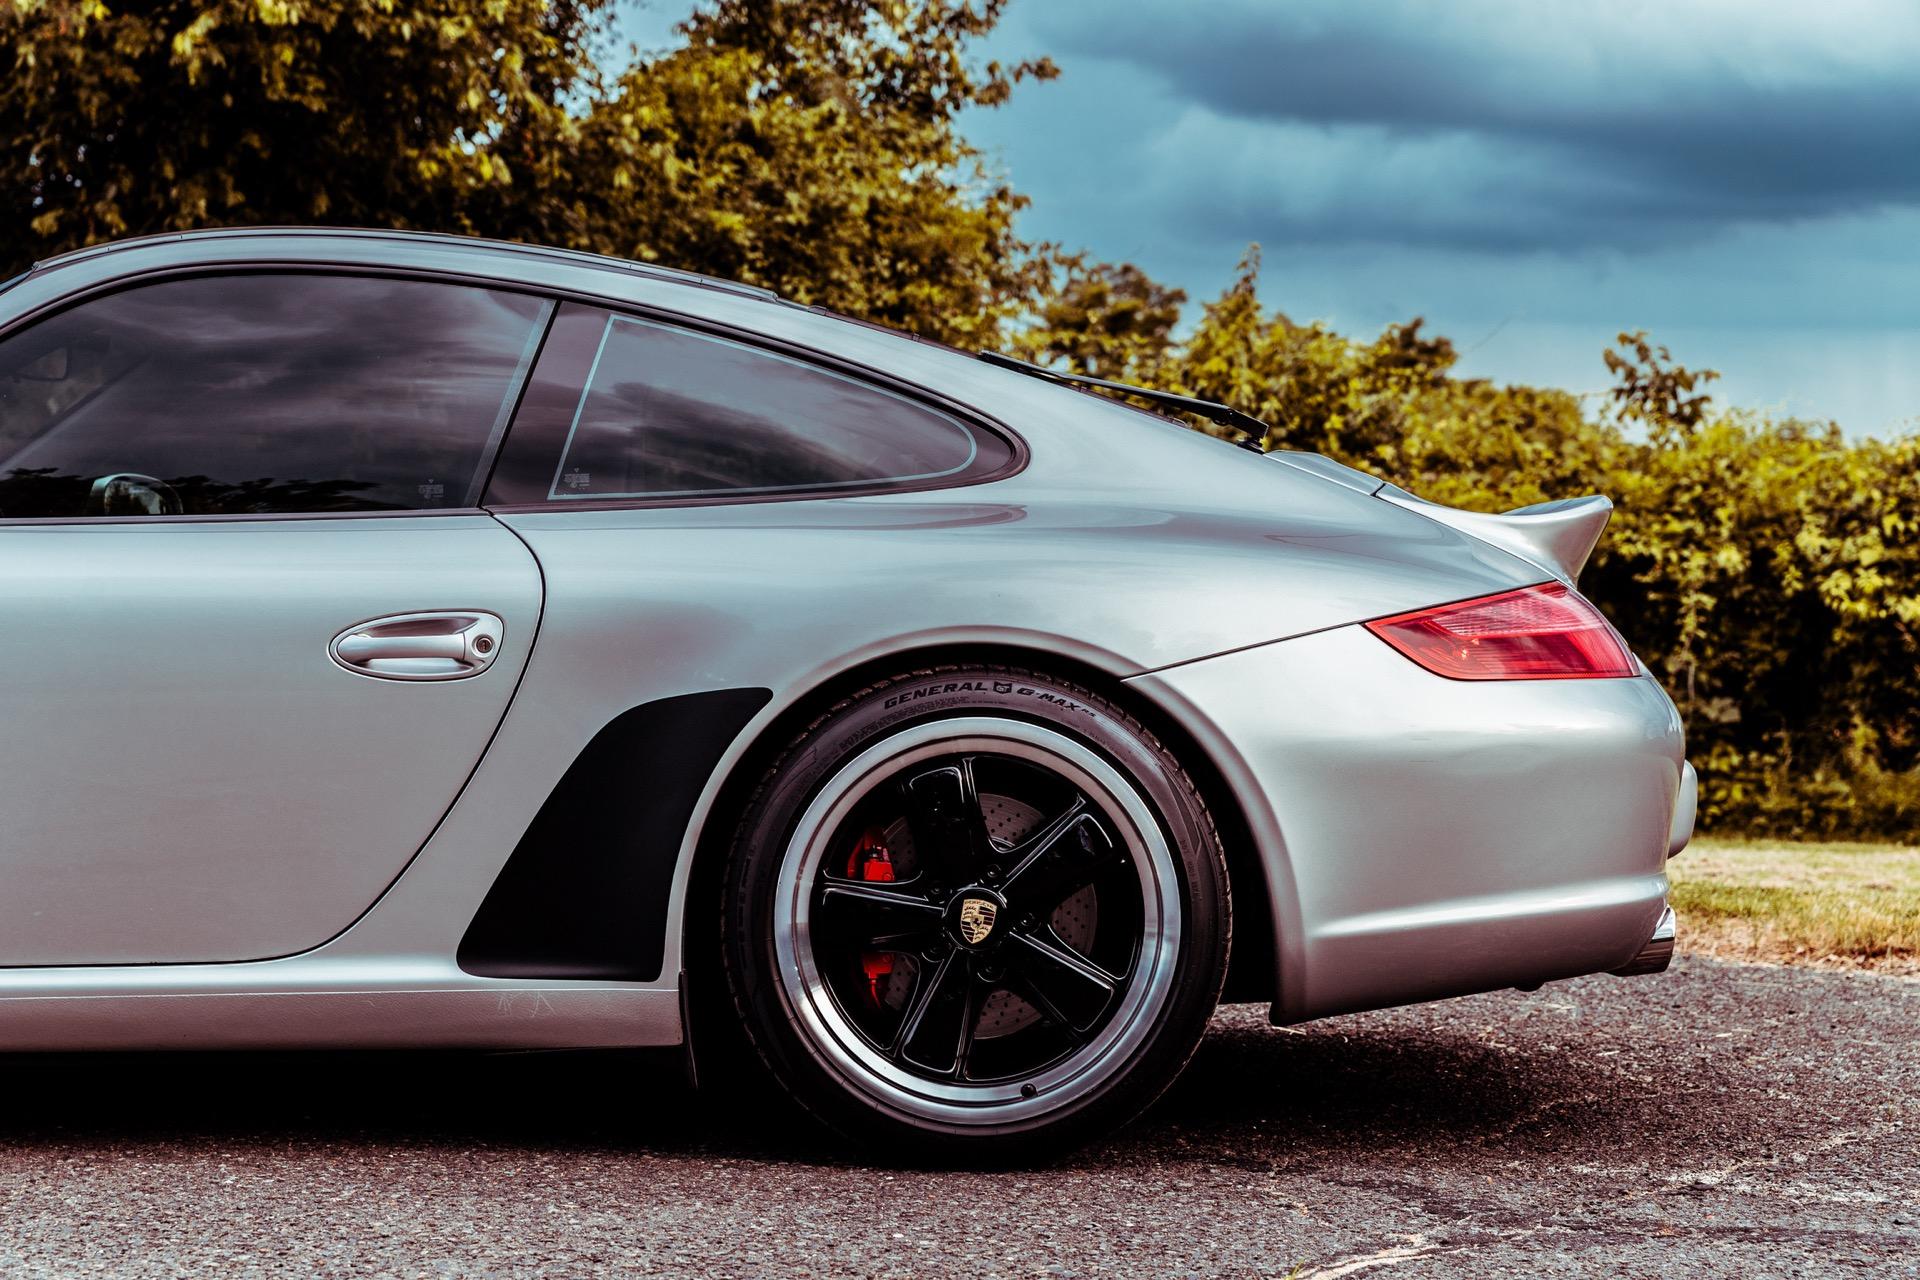 Used-2005-Porsche-911-Carrera-S-Carrera-S